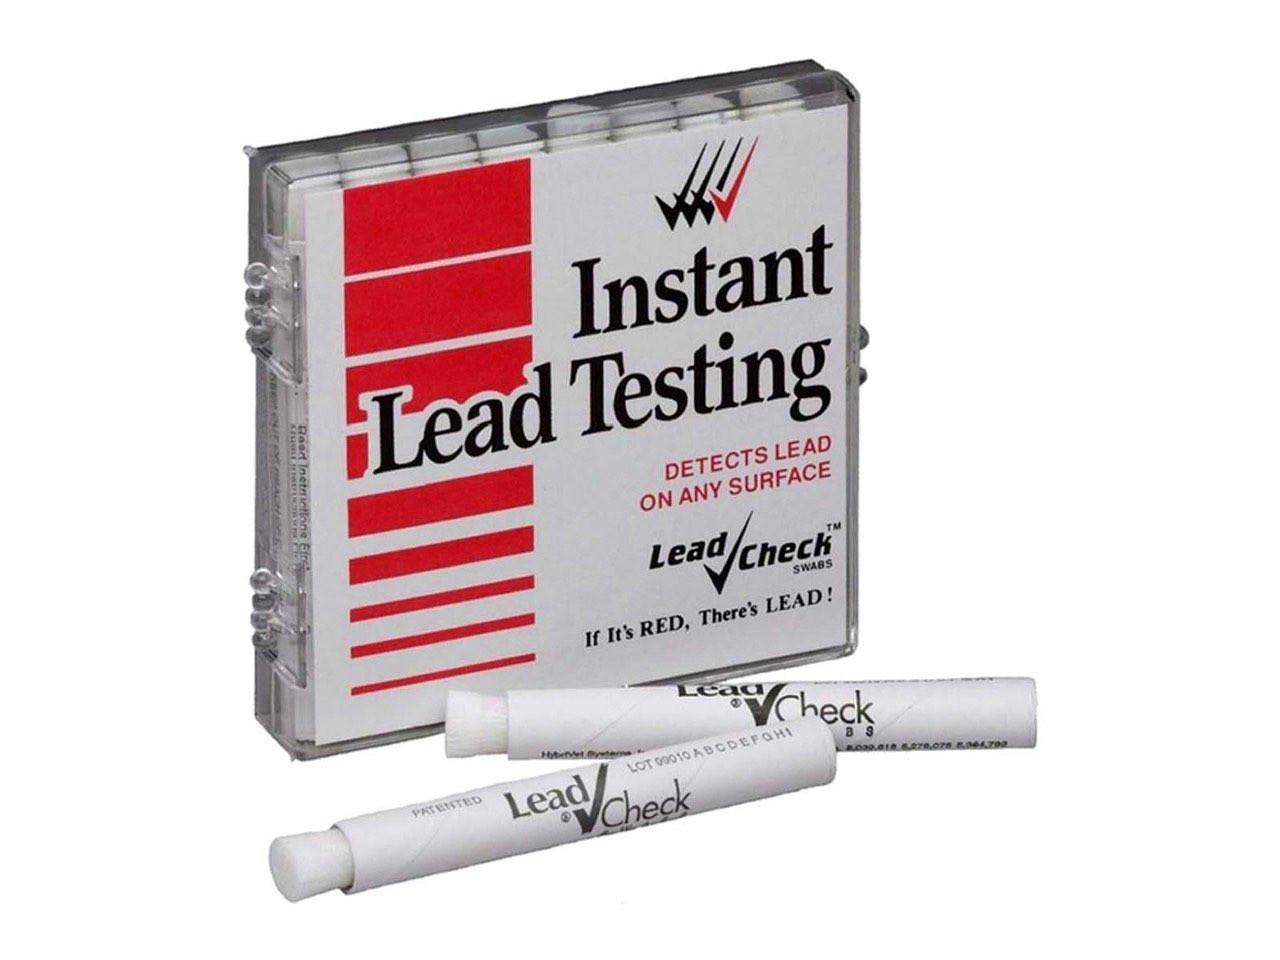 Lead Test Kits